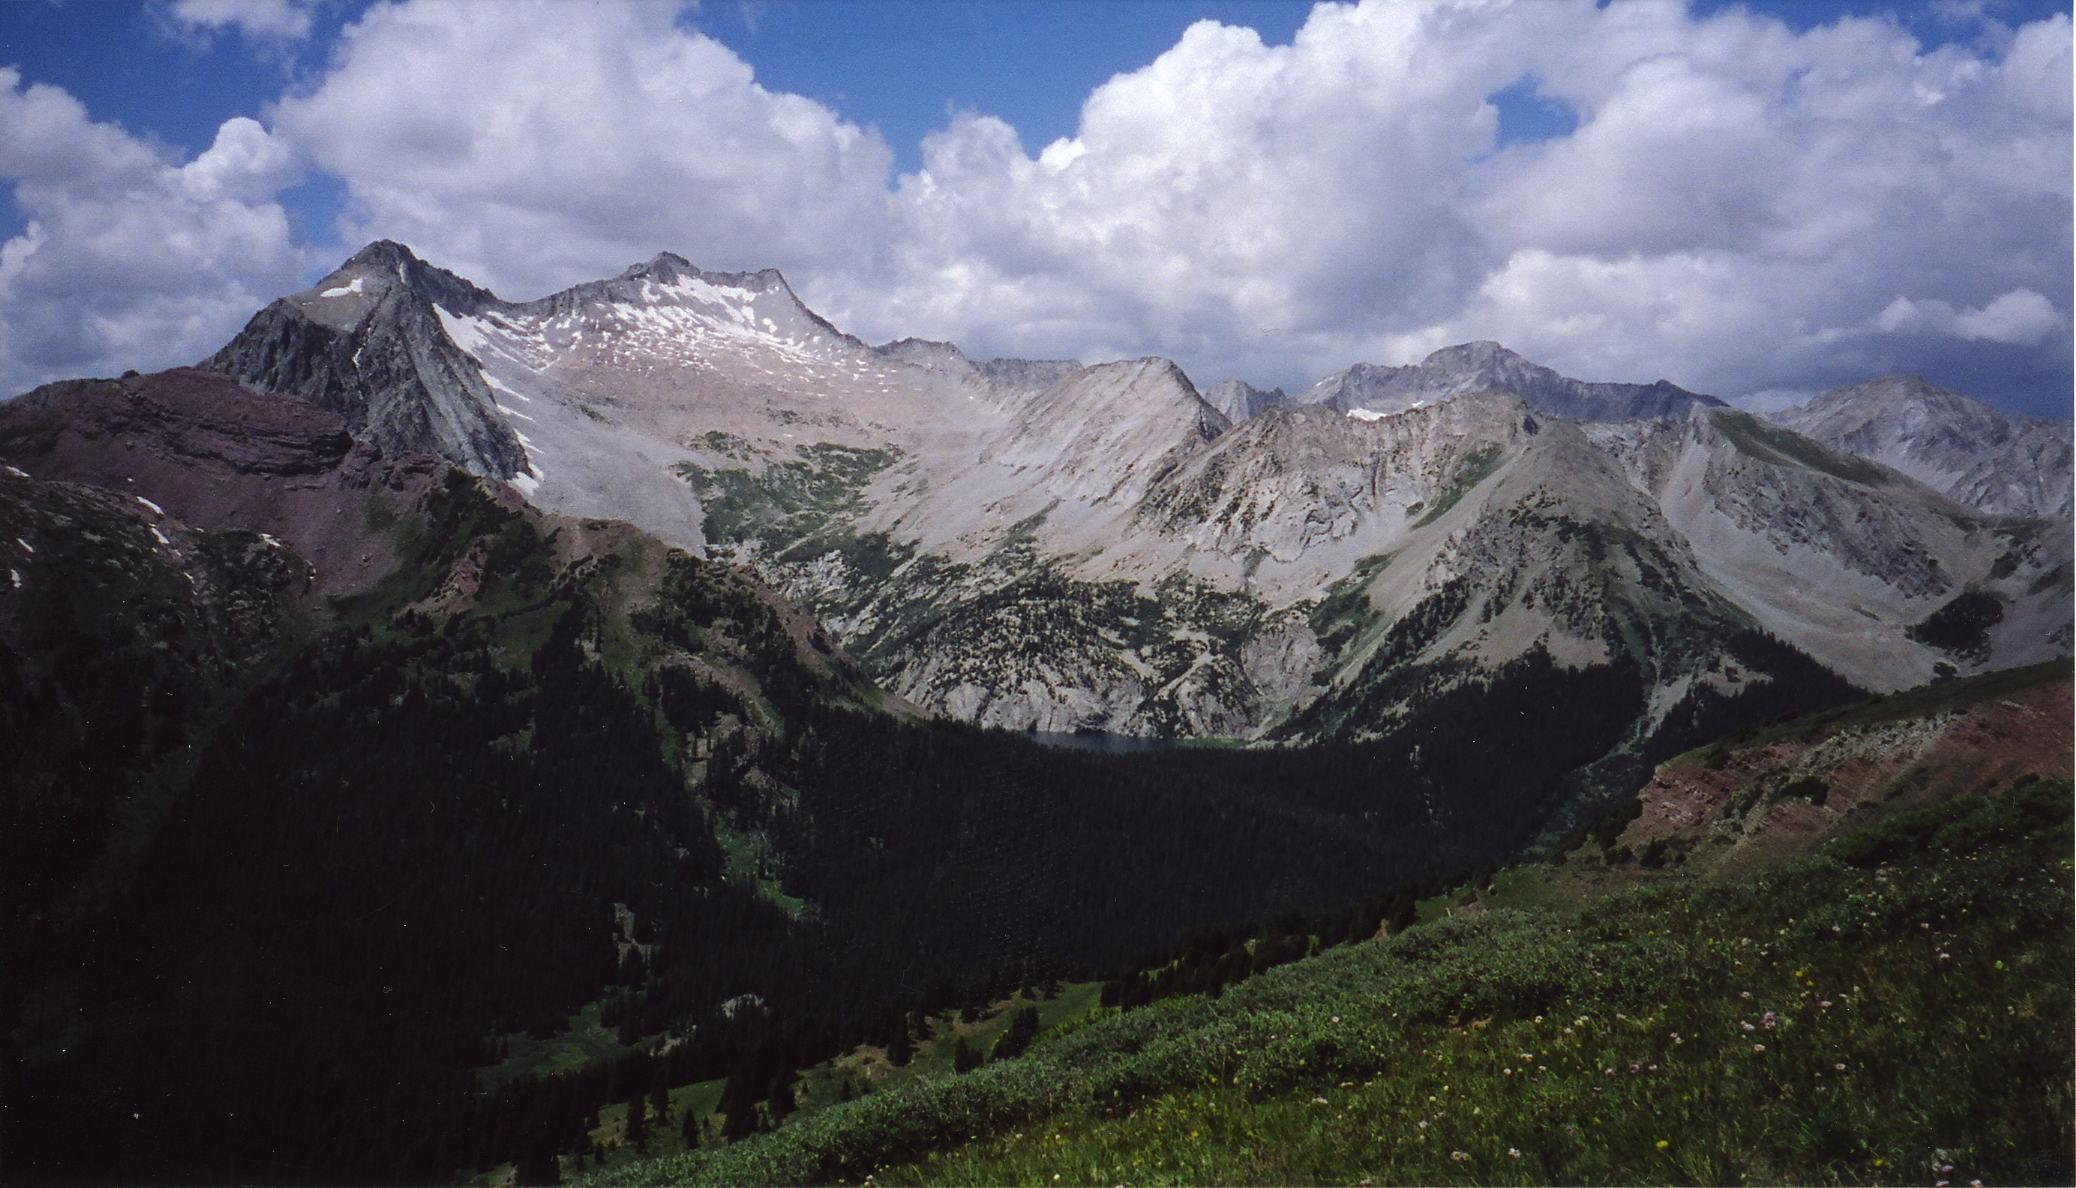 Elk Range Four Passes Loop Hike - Robert Maher, Ph D